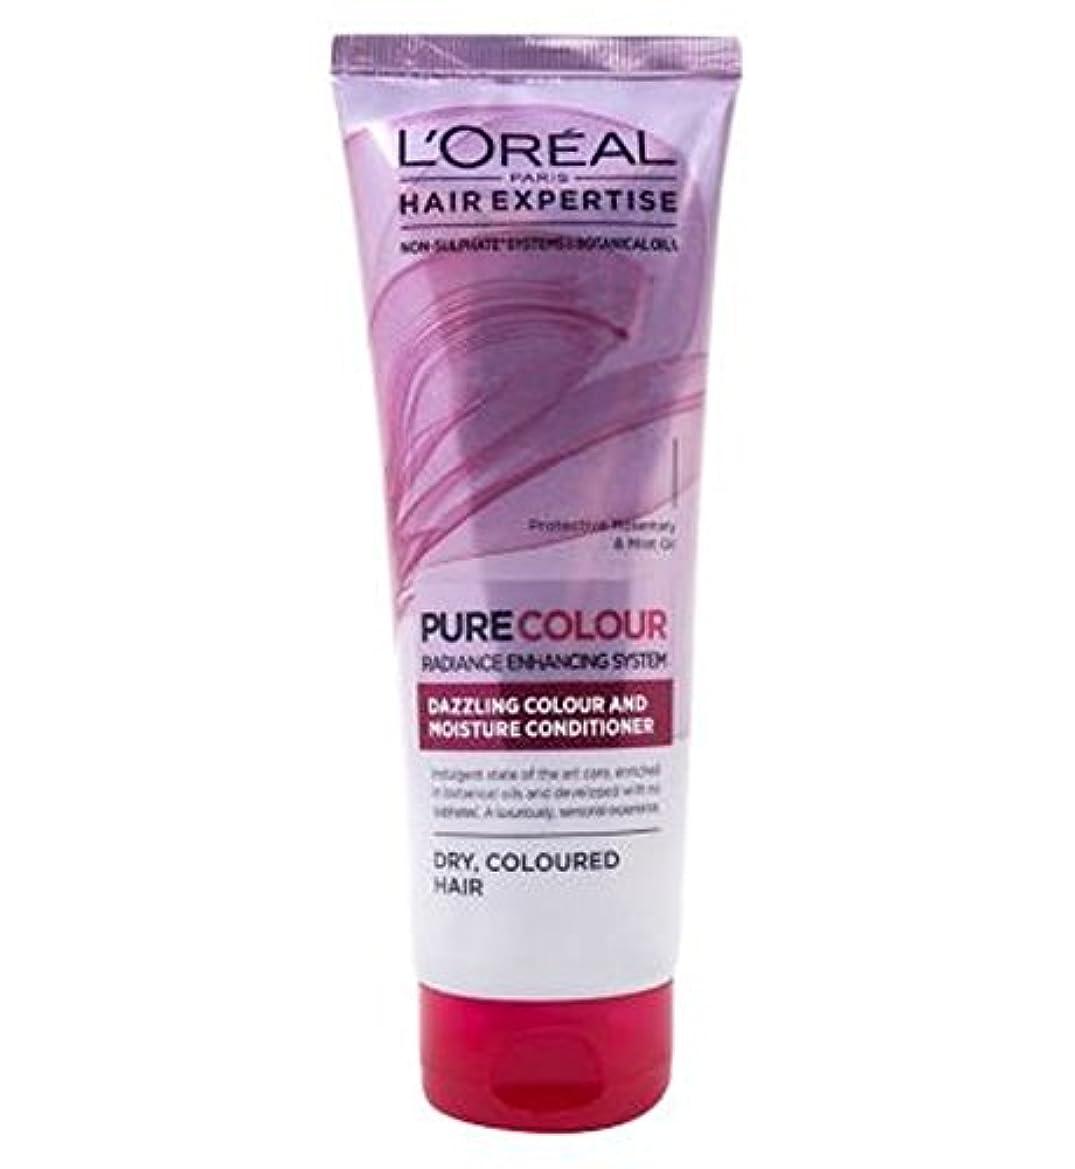 手順詳細に暗くするロレアルパリの髪の専門知識の超純粋なカラーケア&水分コンディショナー250Ml (L'Oreal) (x2) - L'Oreal Paris Hair Expertise SuperPure Colour Care &...